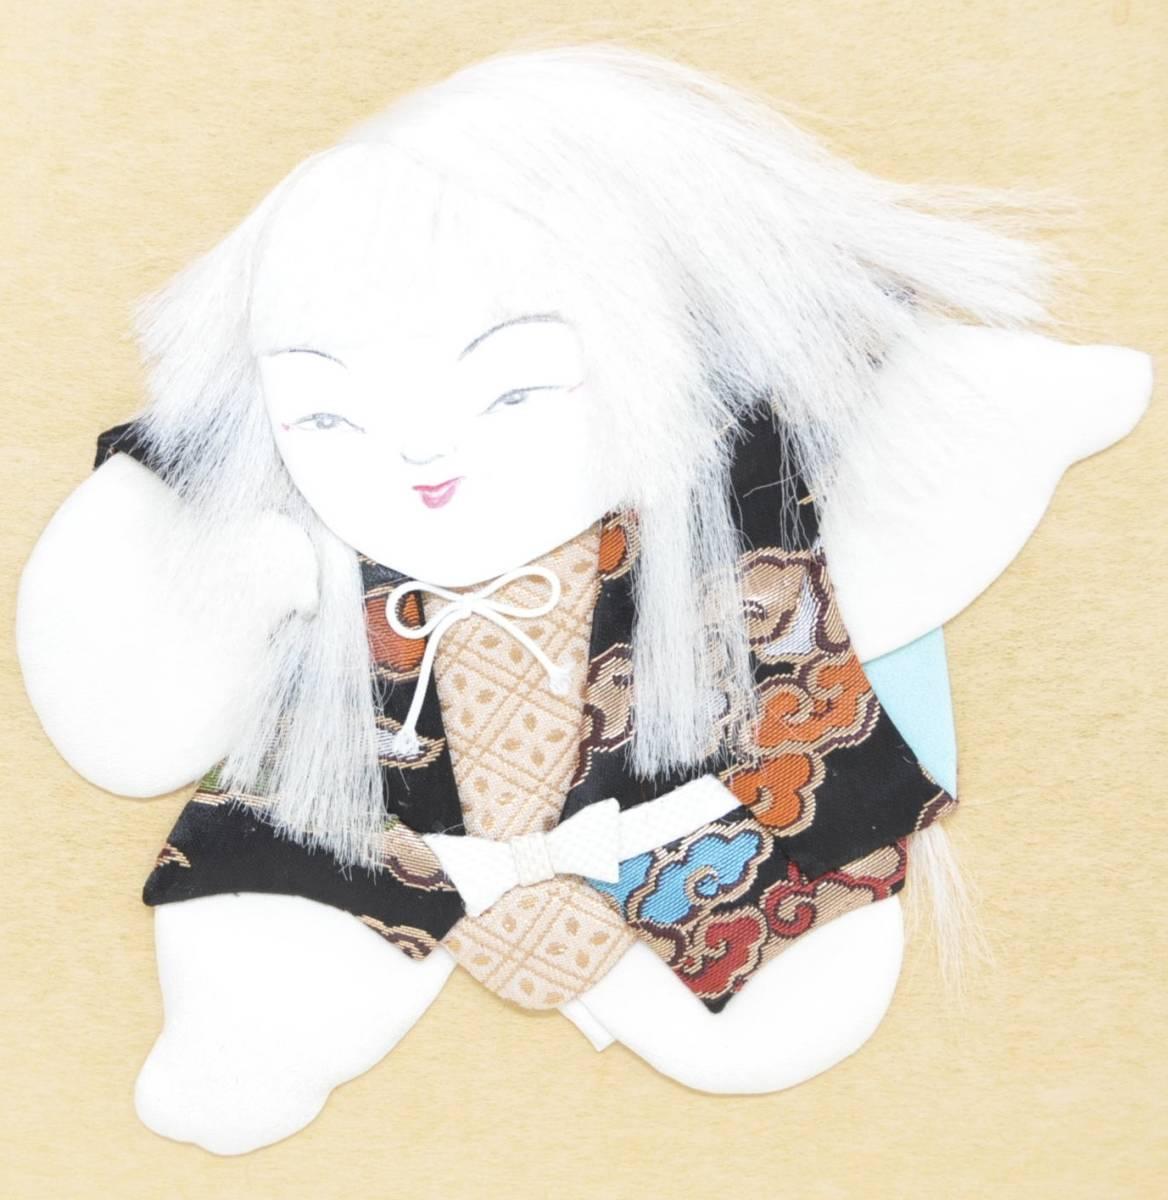 昭和ビンテージ 日本伝統手芸 色紙 押し絵 ハンドメイド 『連獅子』 インテリアにも エステートセール (管理番号:57)_画像3